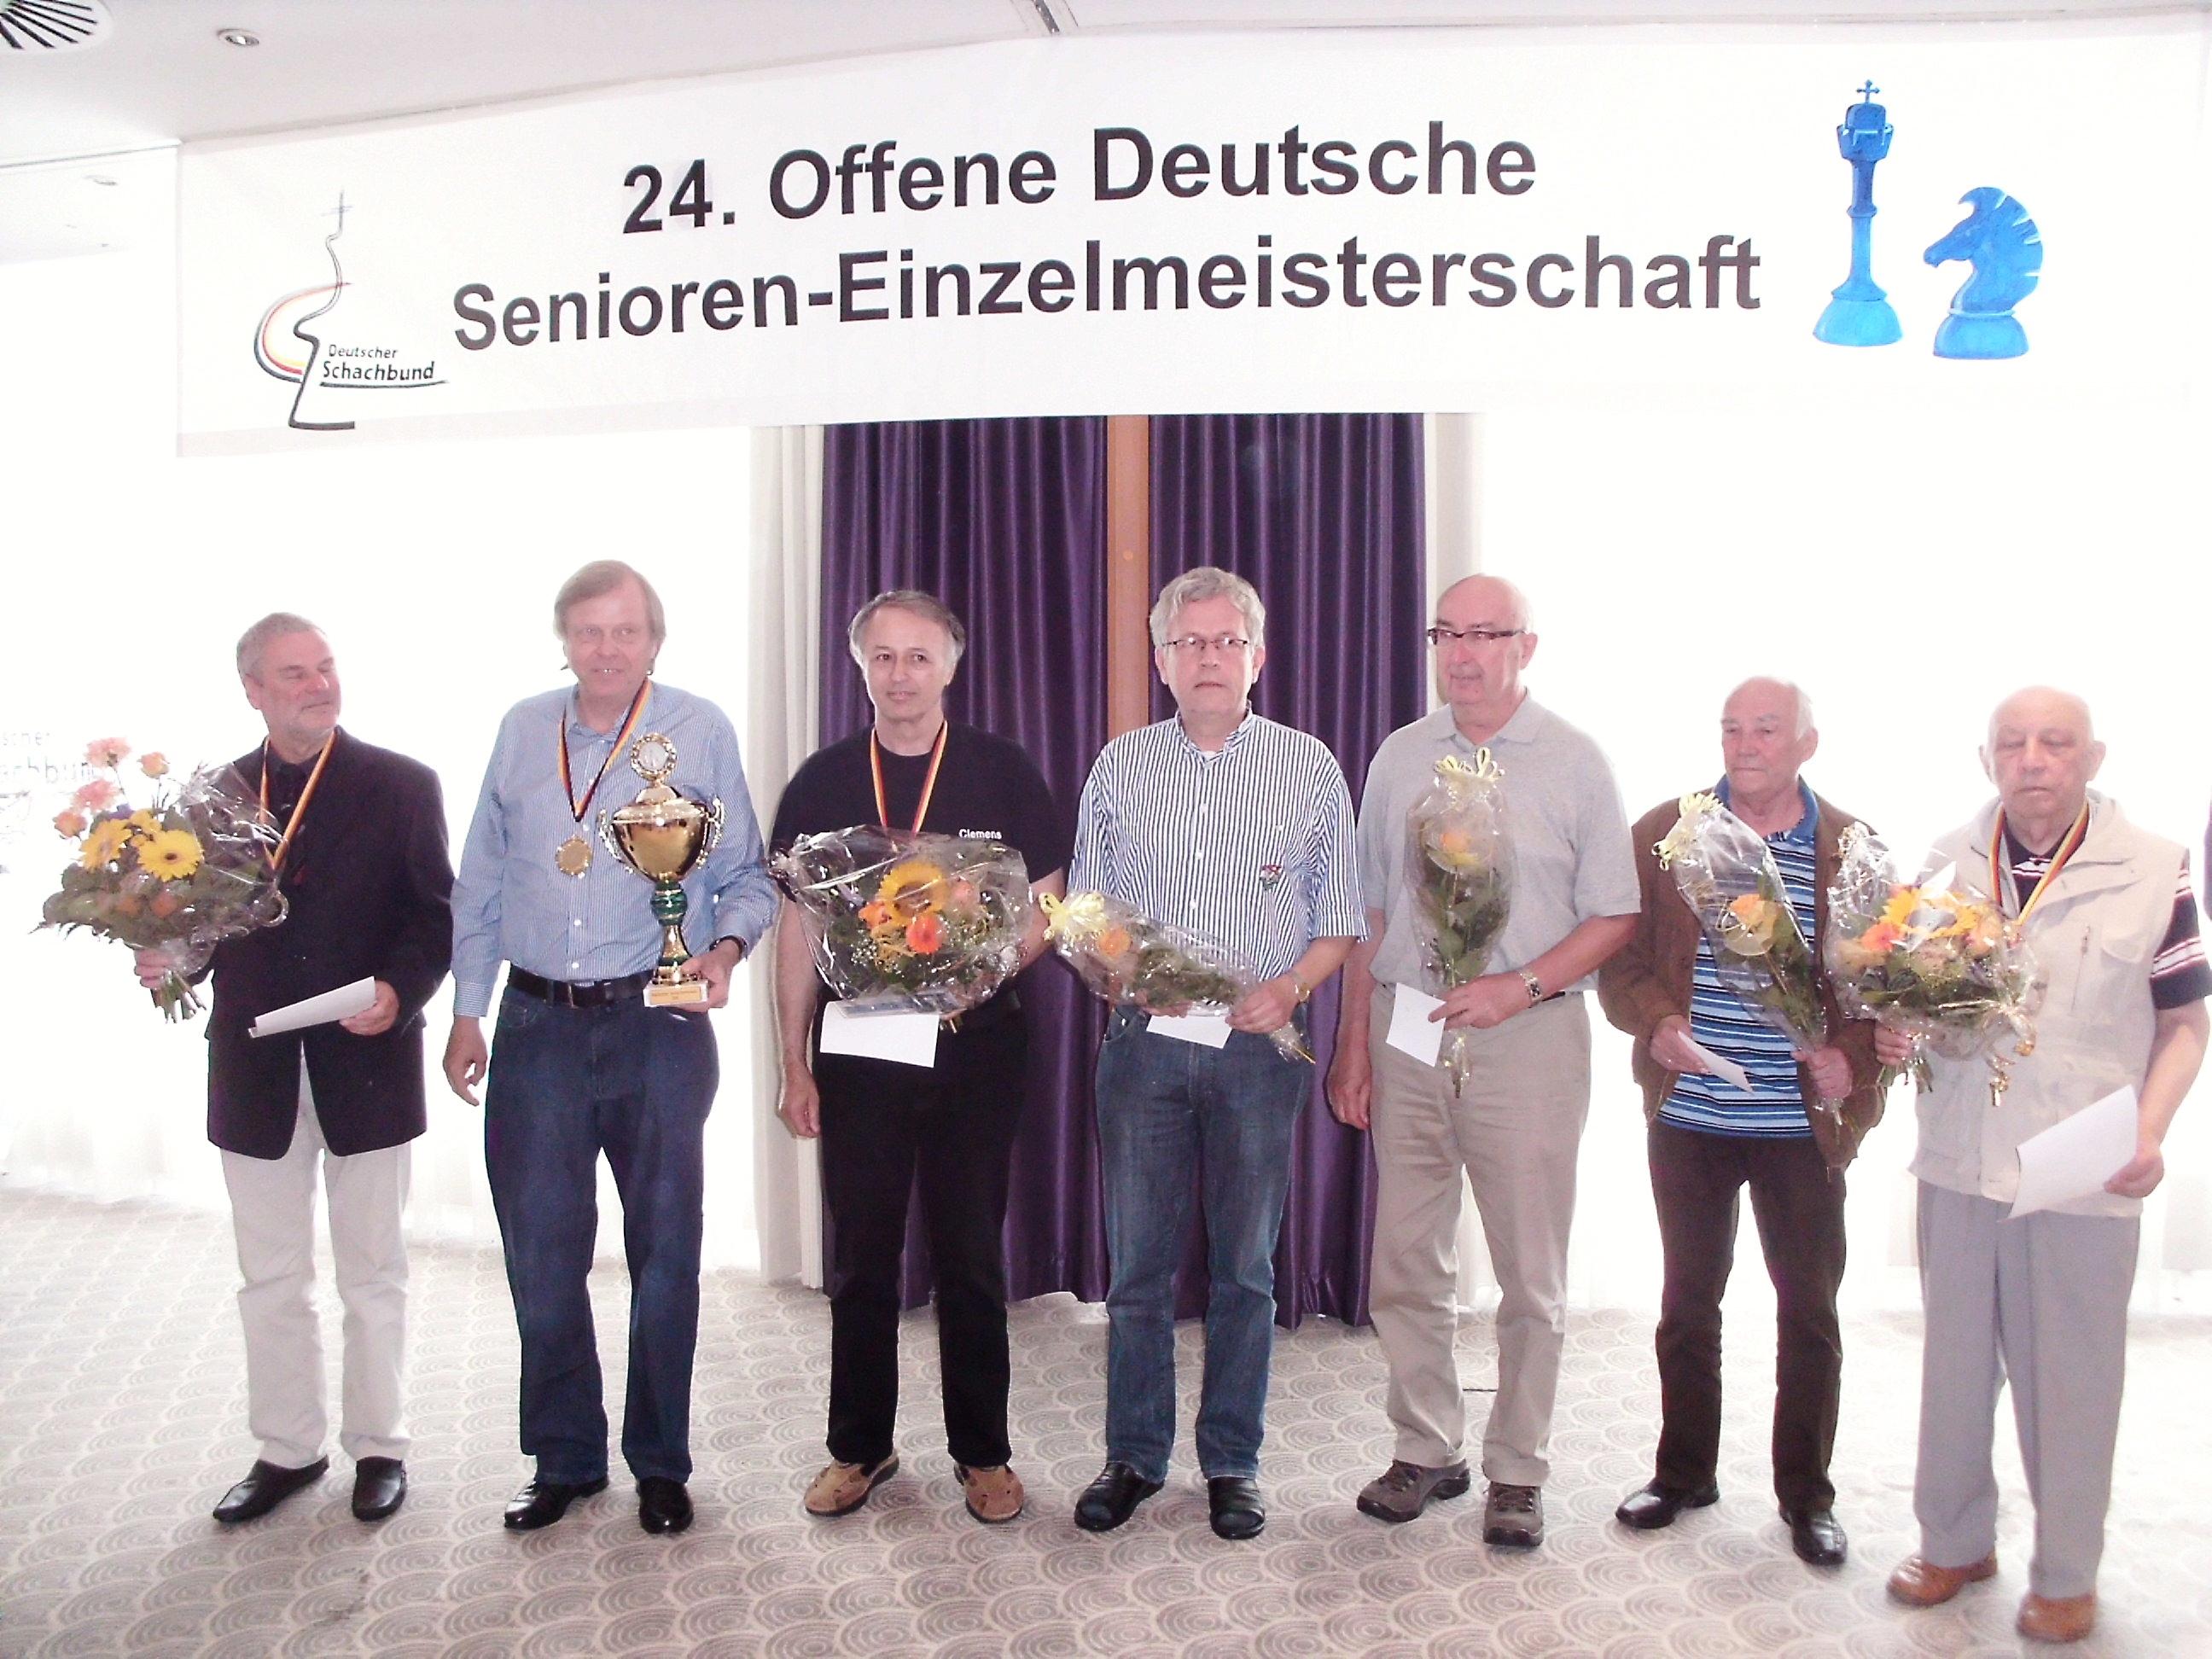 deutscher senioren einzelmeister 2012 bodo schmidt deutscher schachbund. Black Bedroom Furniture Sets. Home Design Ideas